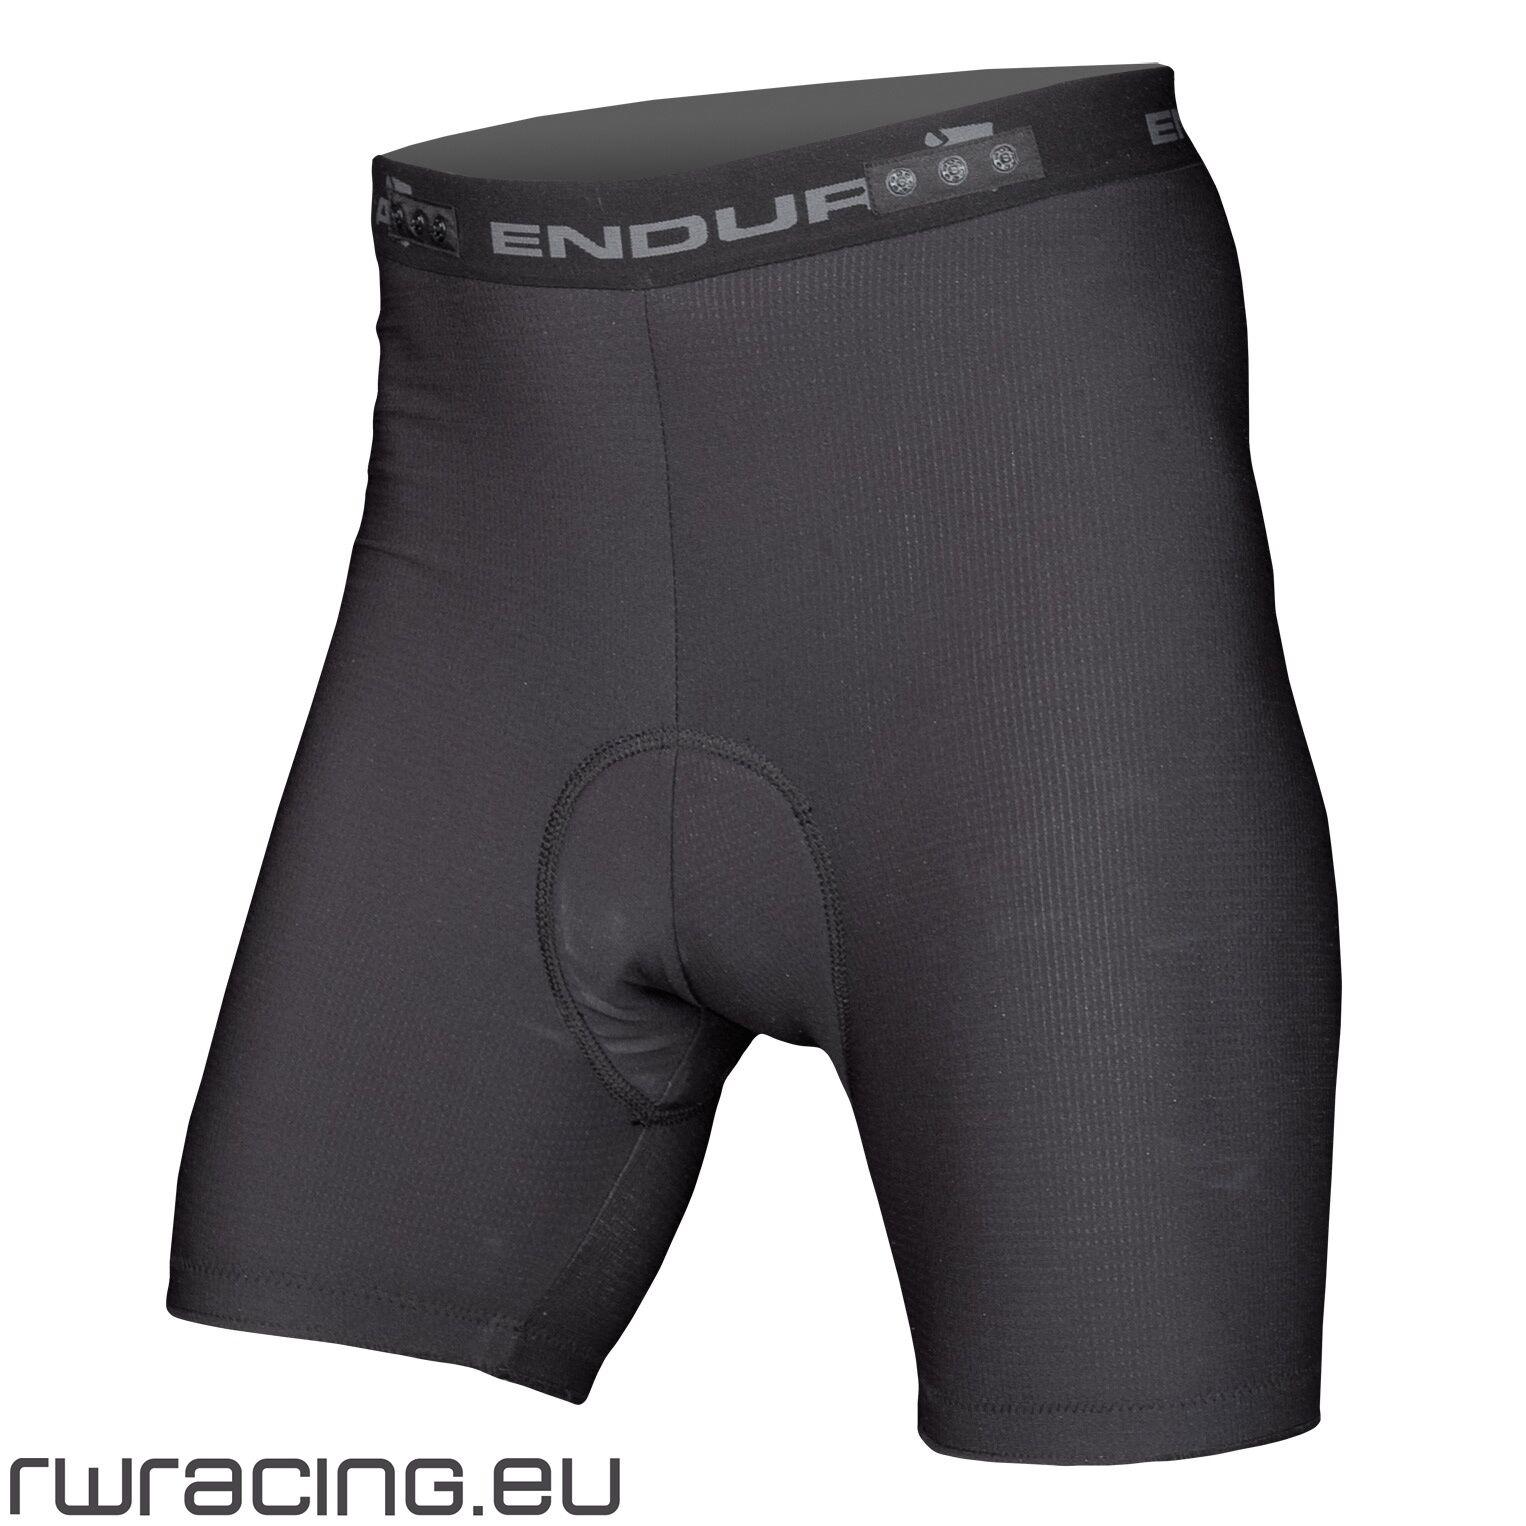 Ricambio pantaloncino interno per Endura Hummvee pants internal parts